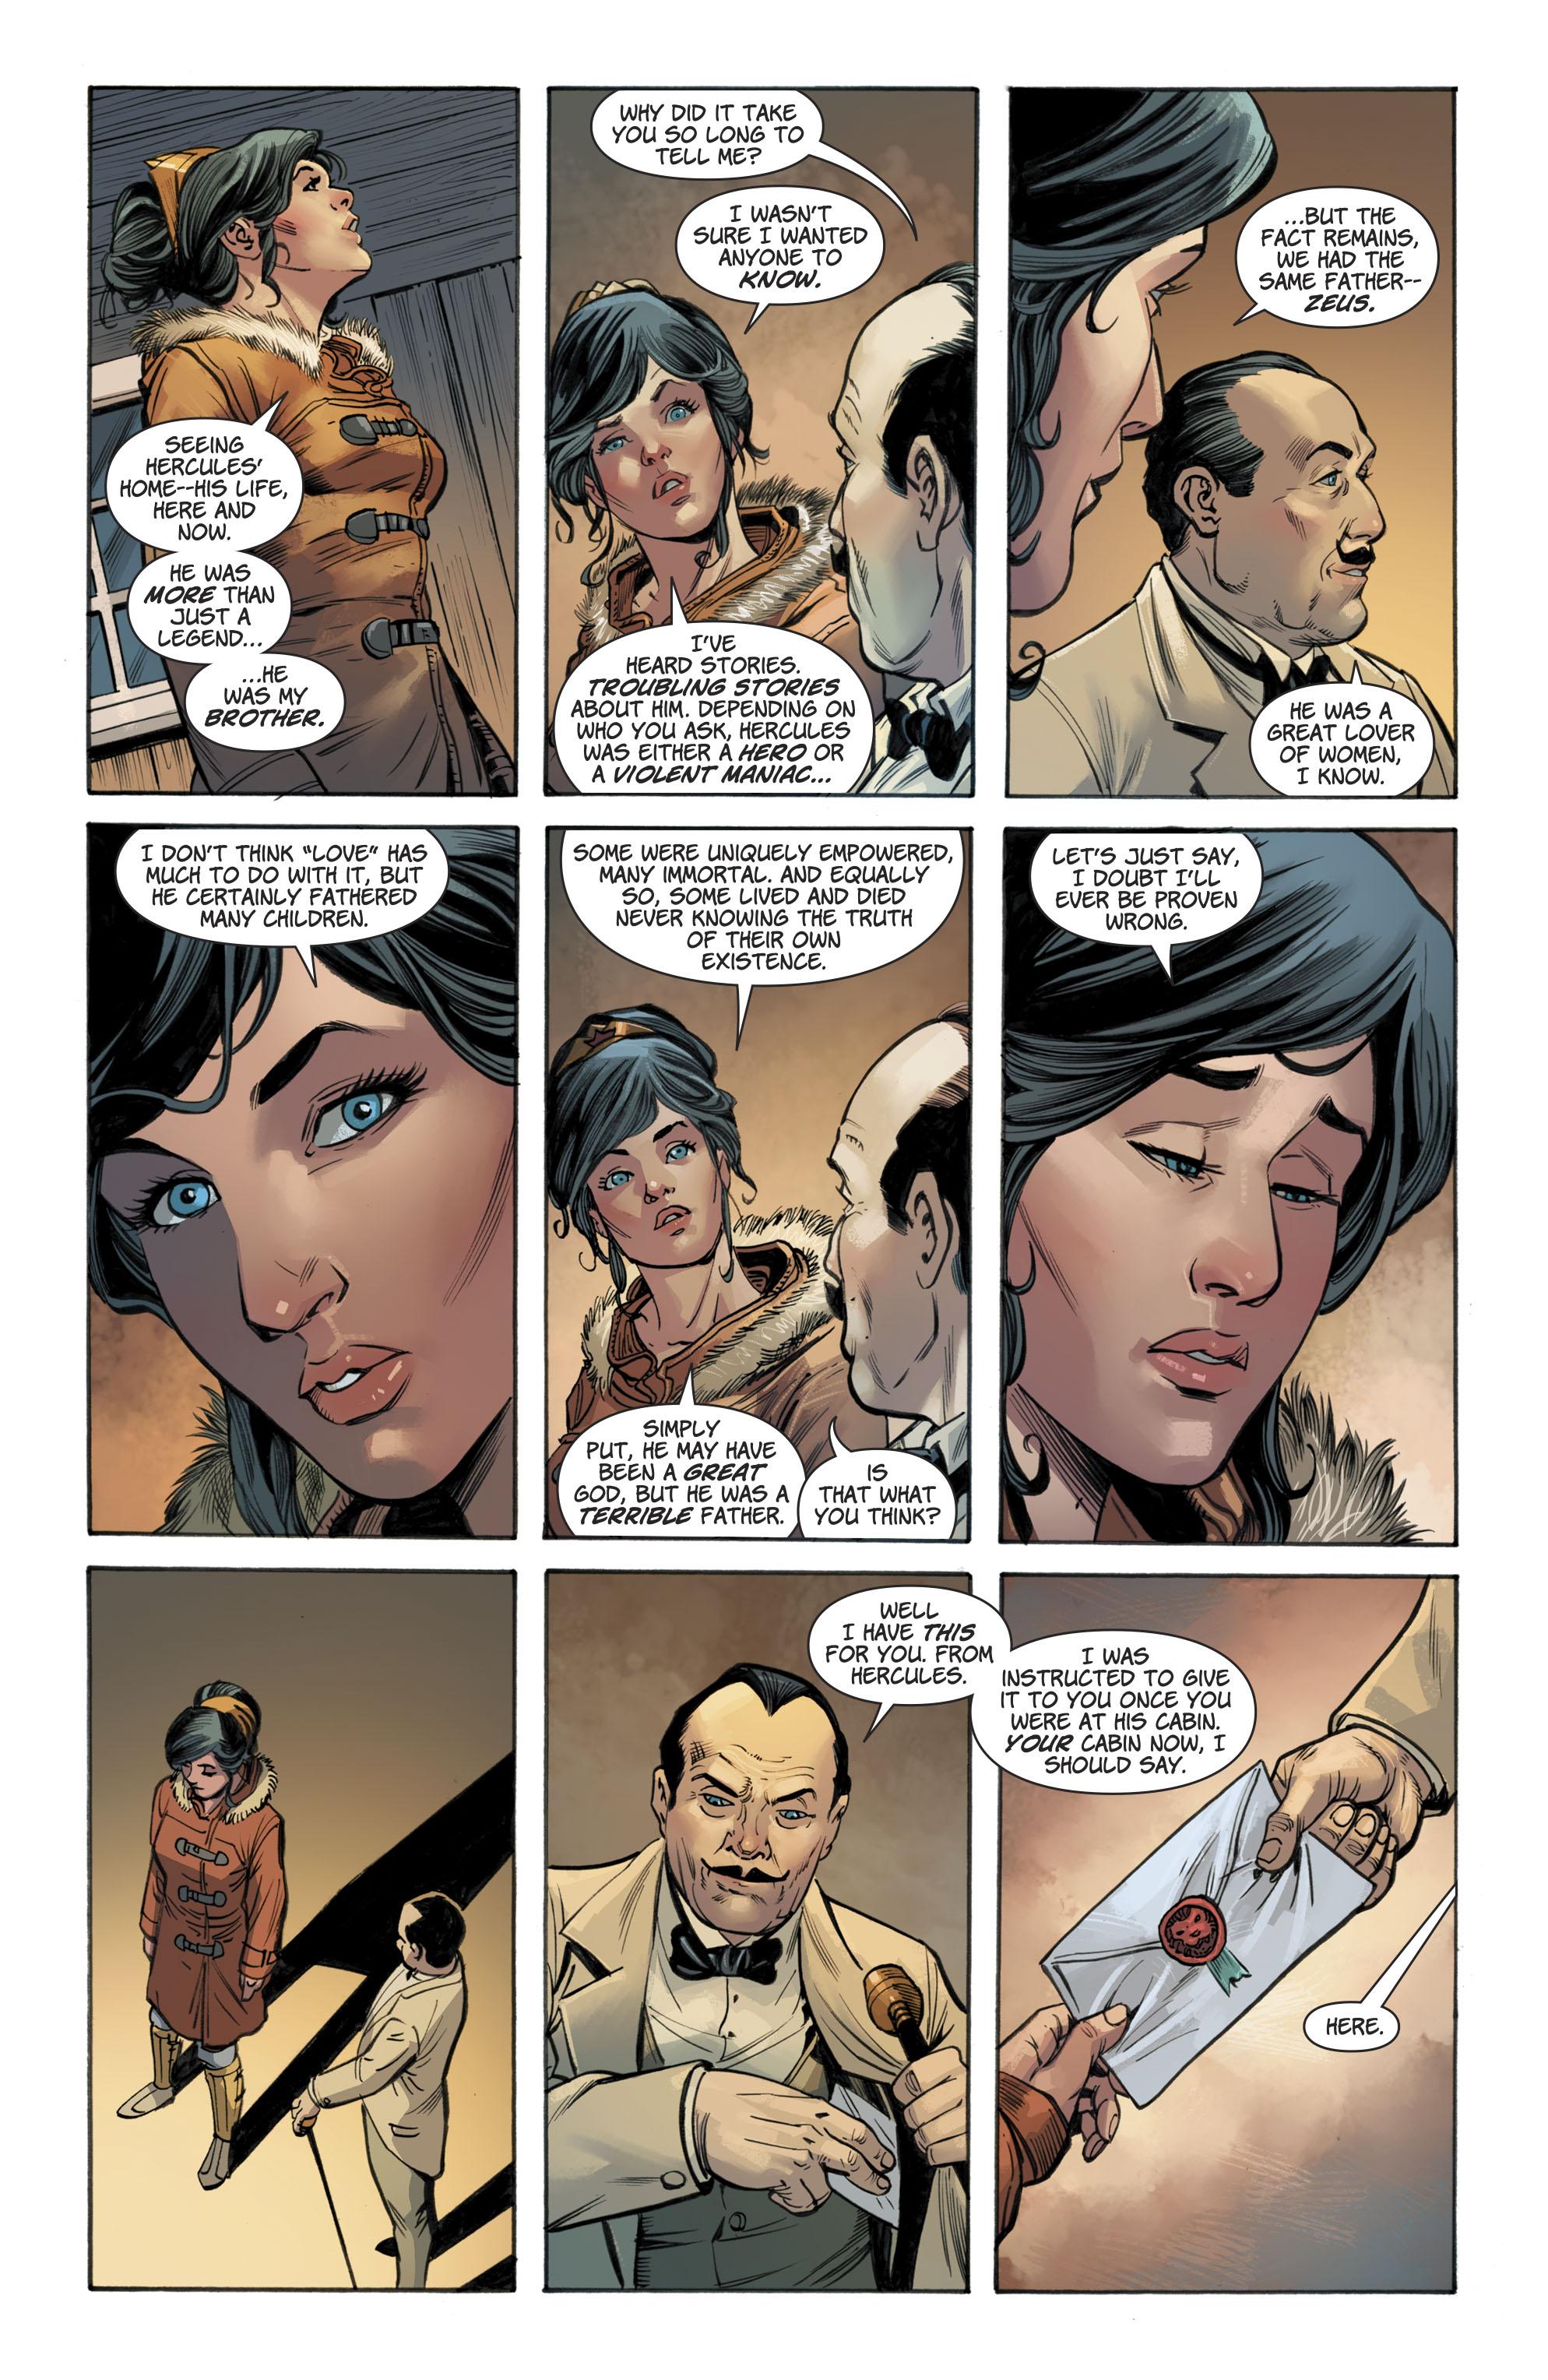 Hercules imenuje Wonder Woman njegov dedič Porodnik Comicnewbies-1275